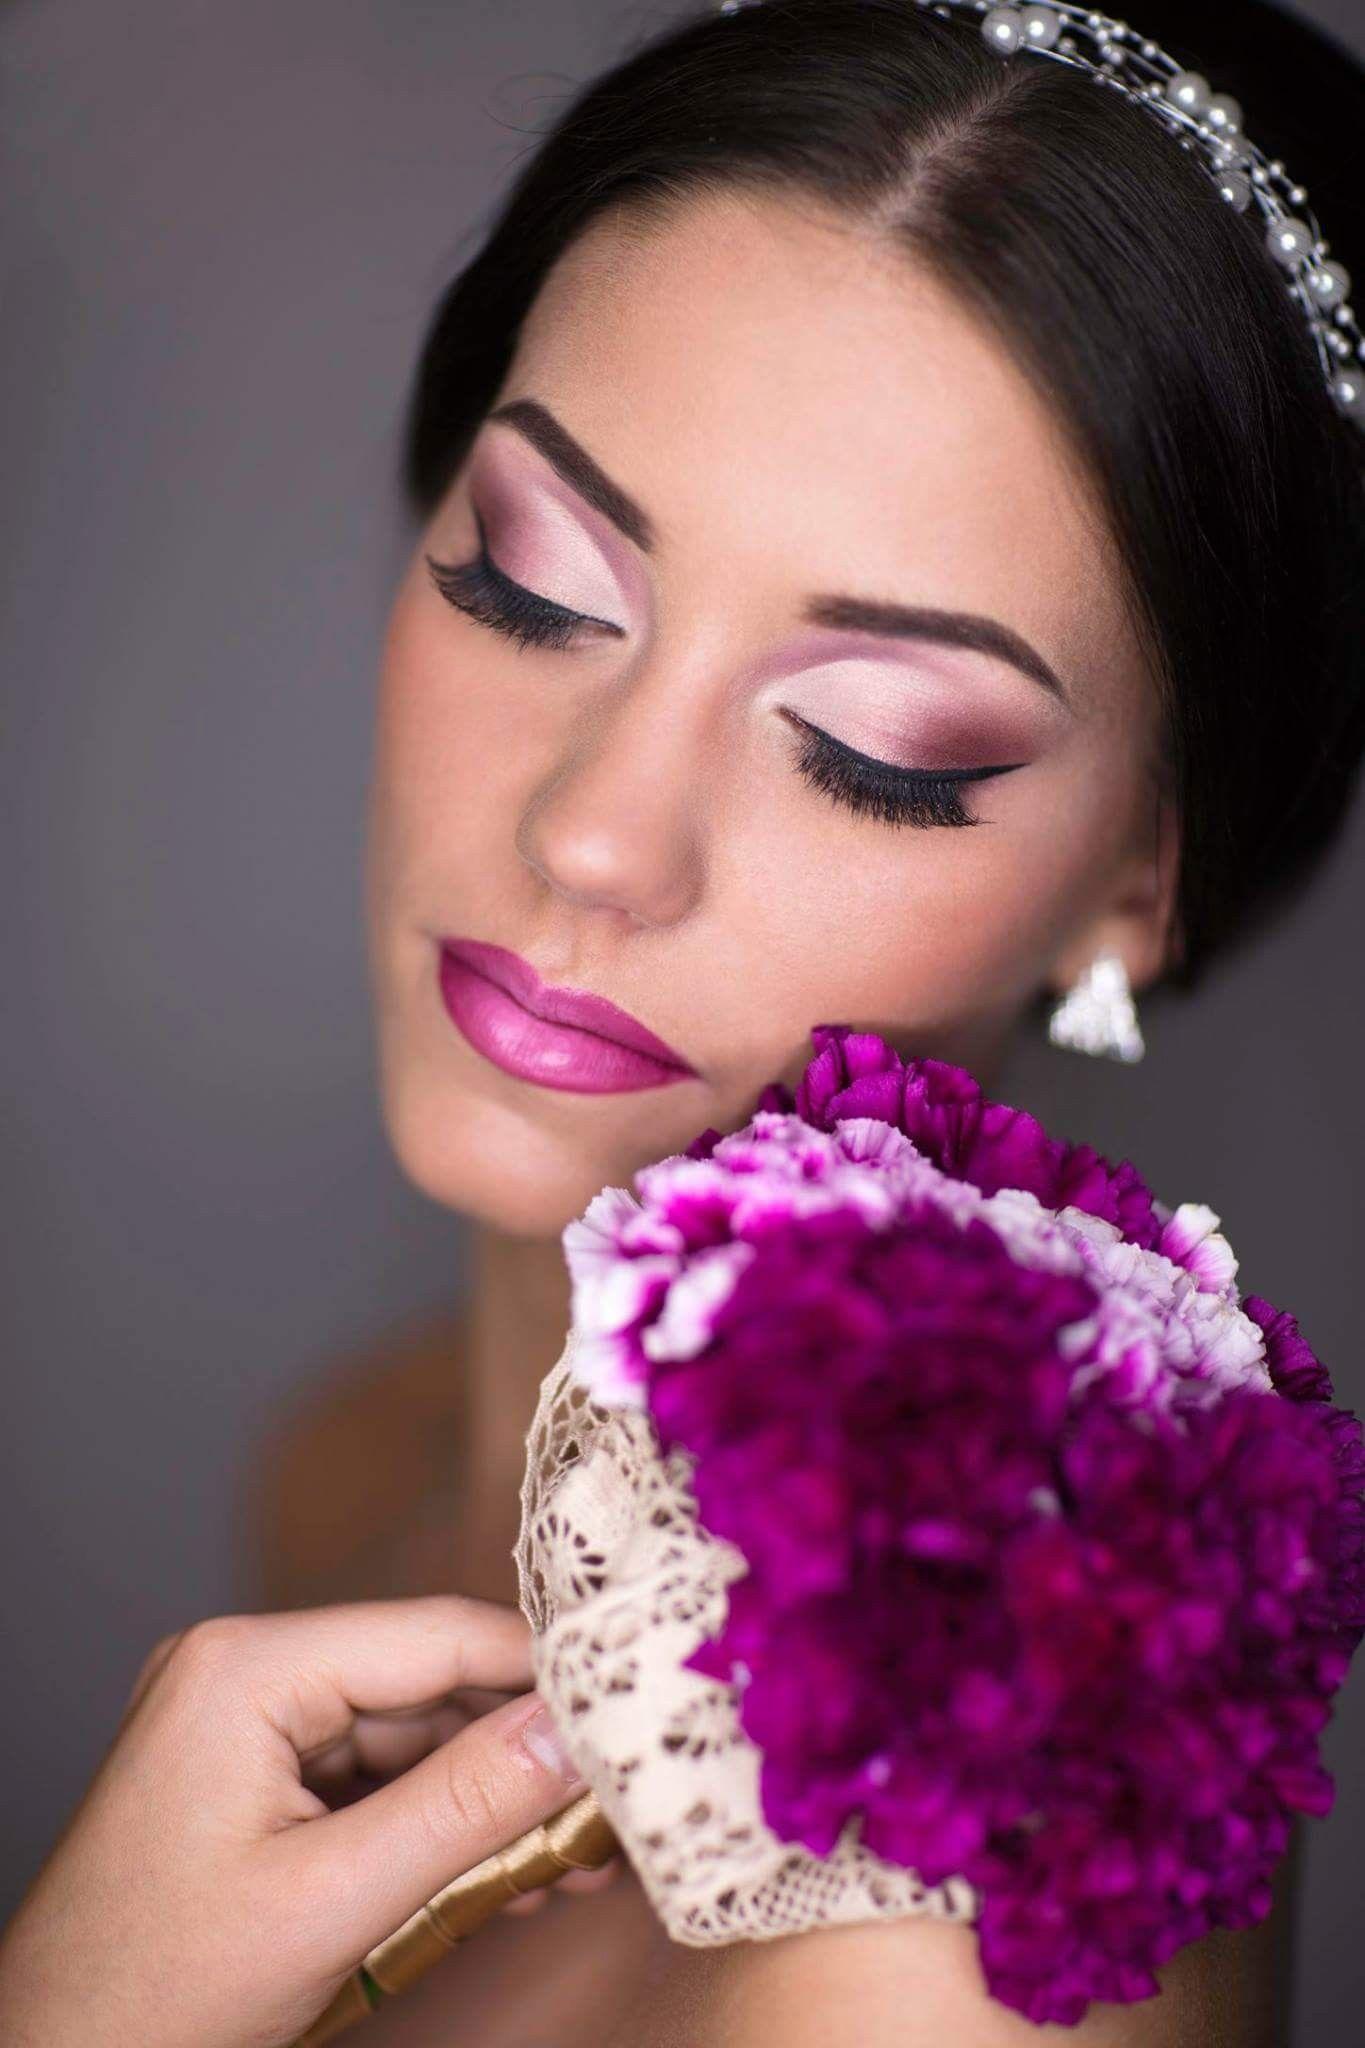 Pin de Sophie Borsodi en Wedding | Pinterest | Rostros, Femenino y ...